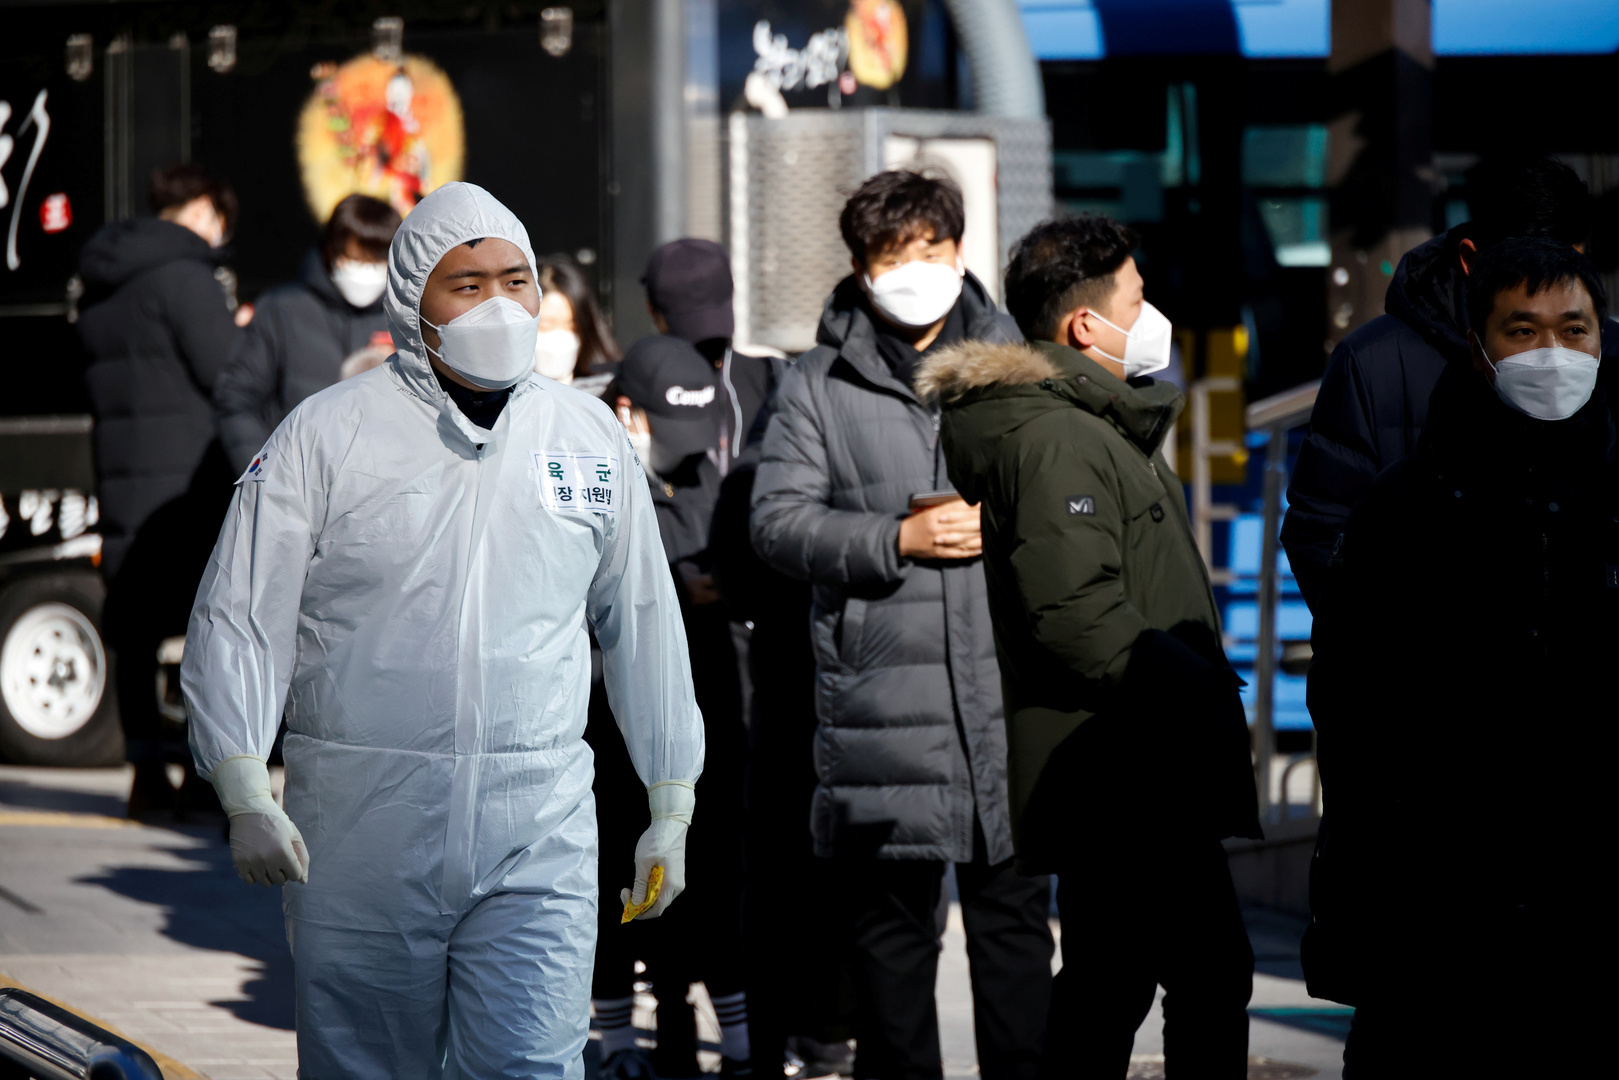 كورونا.. ارتفاع عدد الإصابات بين أسر سورية مقيمة في كوريا الجنوبية